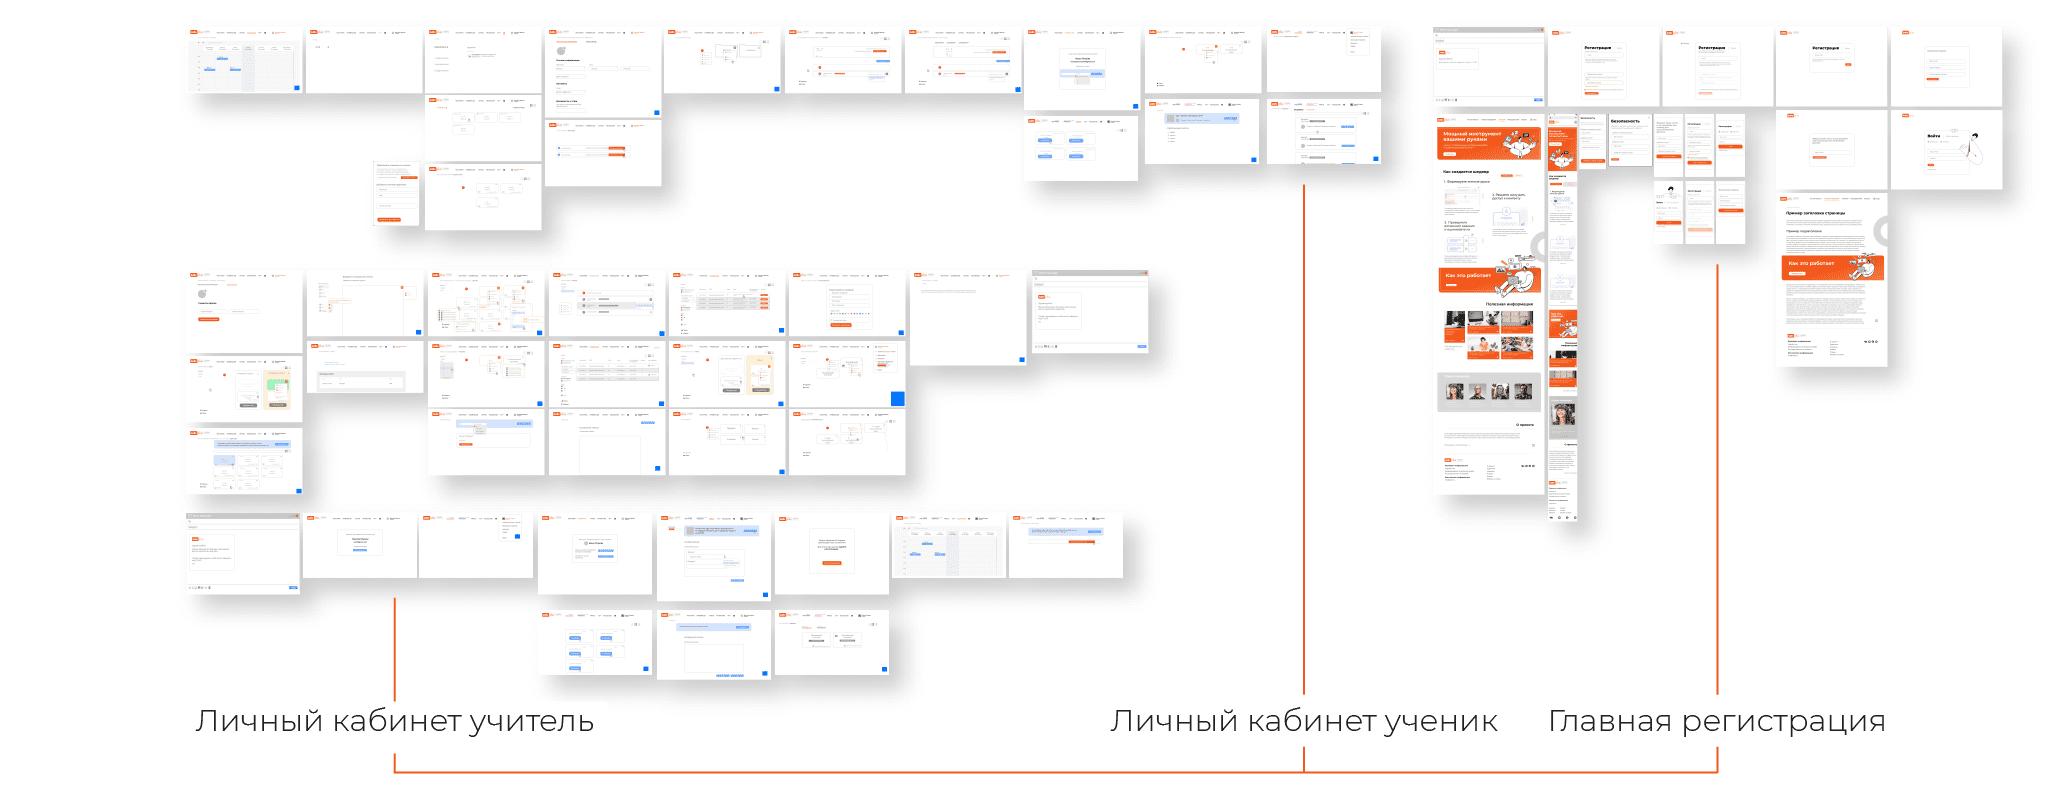 дизайн образовательного портала прототип сайта